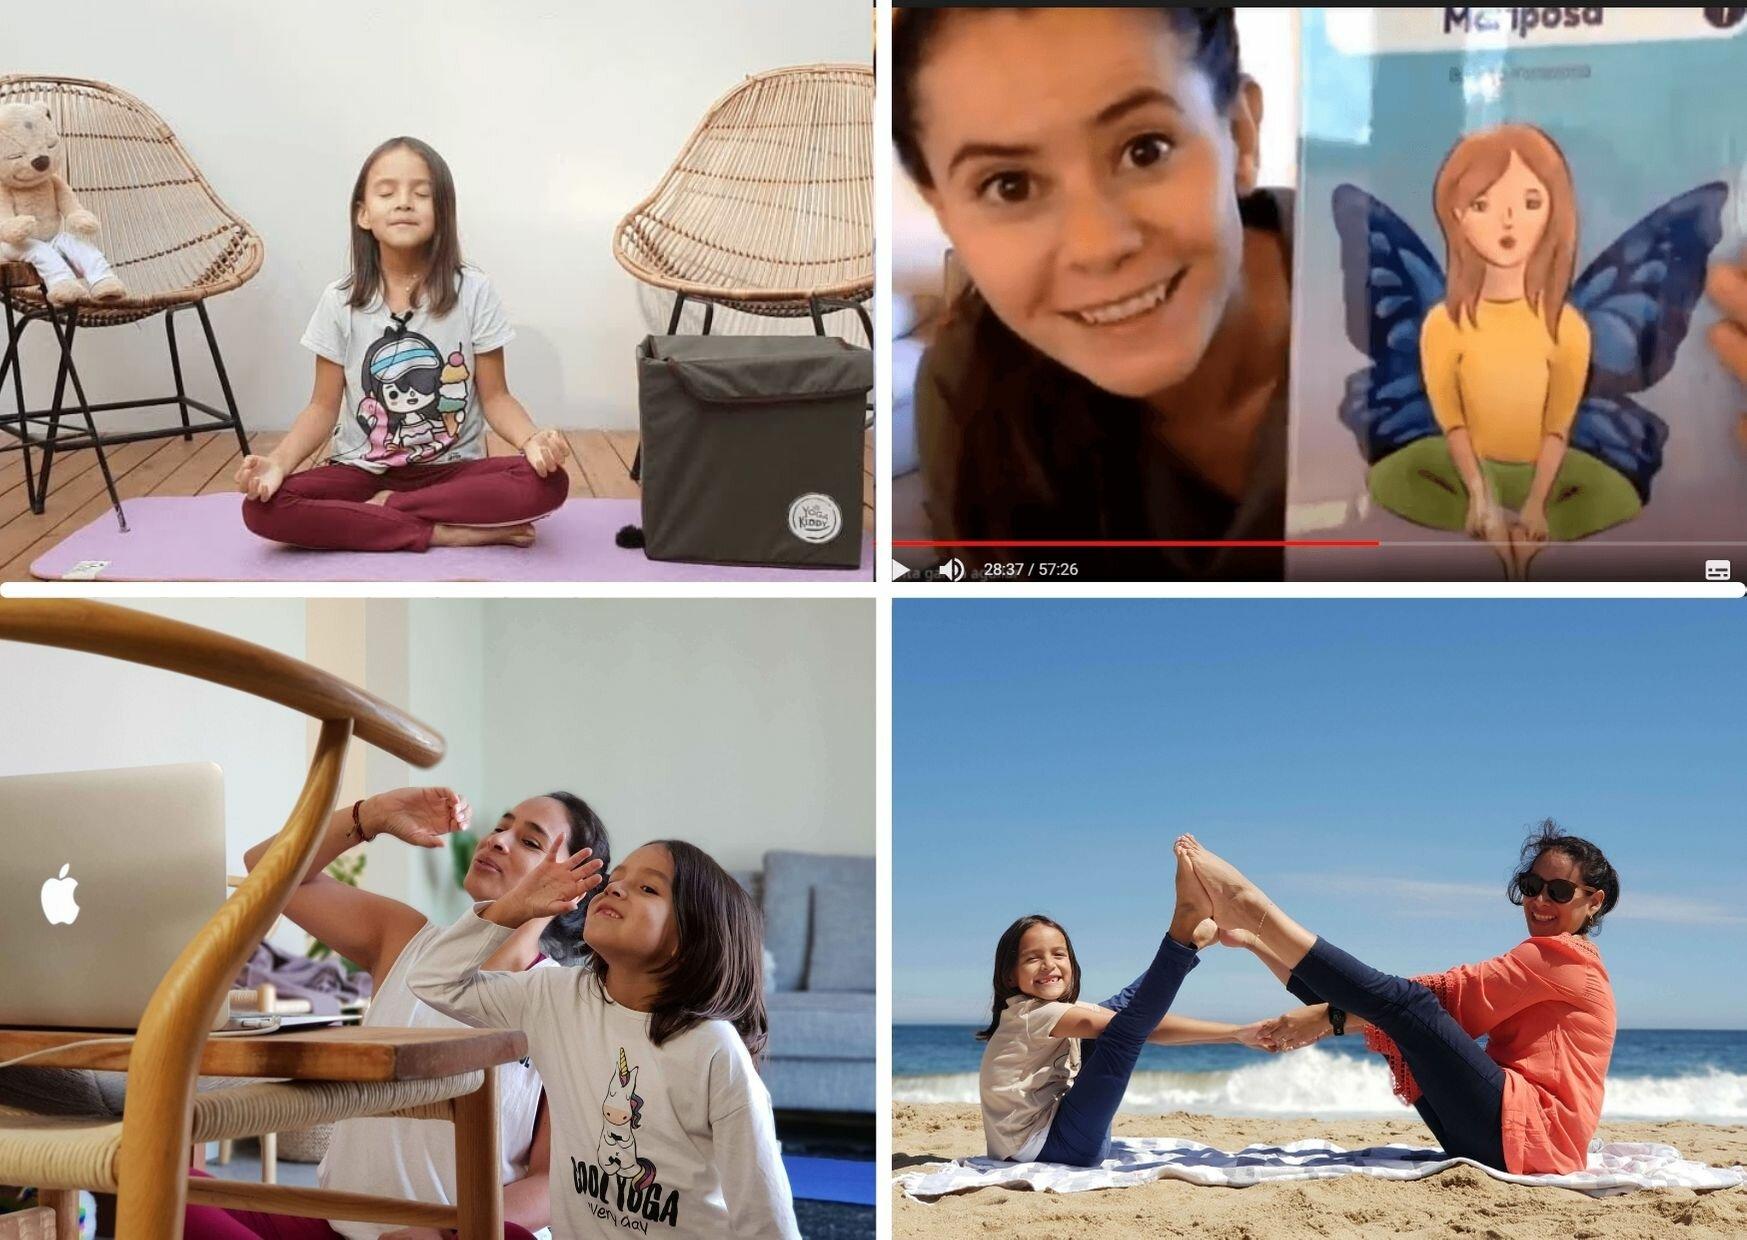 Realiza una clase y/o intervenciones de yoga infantil de manera exitosa